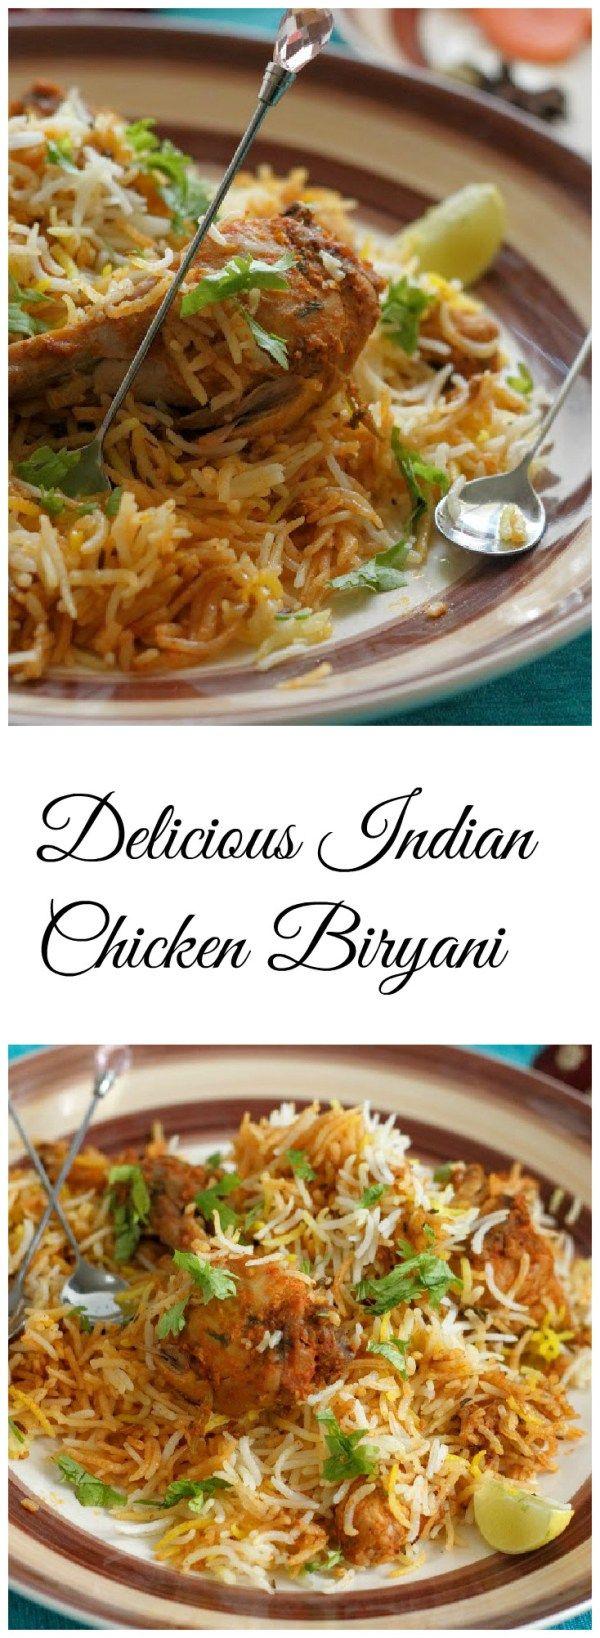 Les 81 meilleures images du tableau biriyani sur pinterest - Cuisine indienne biryani ...